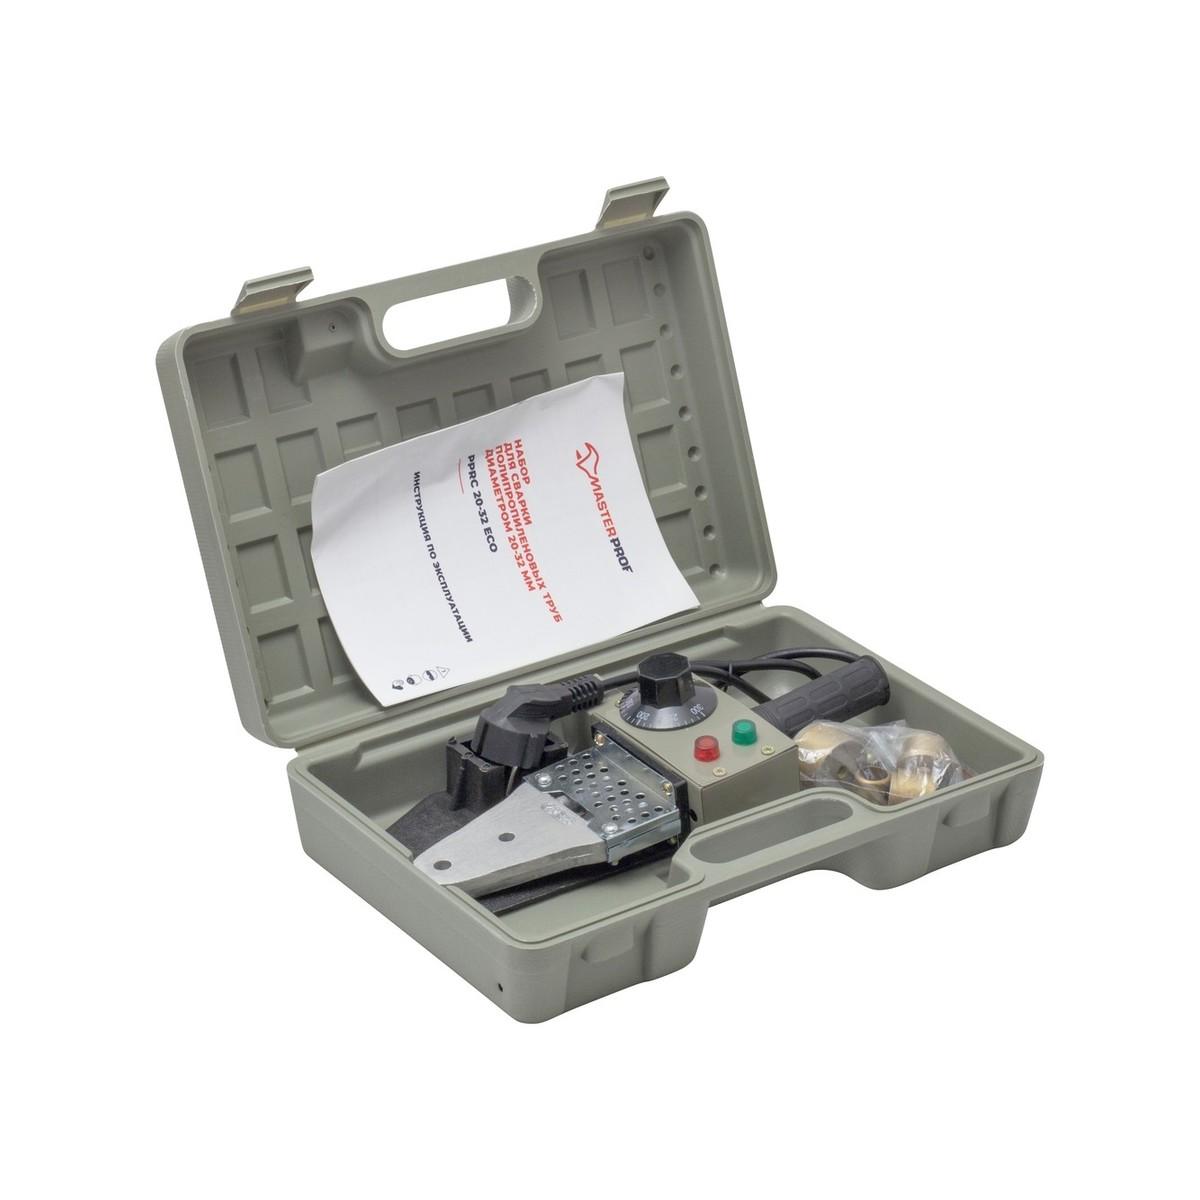 Аппарат для сварки пластиковых труб Aqualink PPRC 20-32 ЕСО ИС.090822